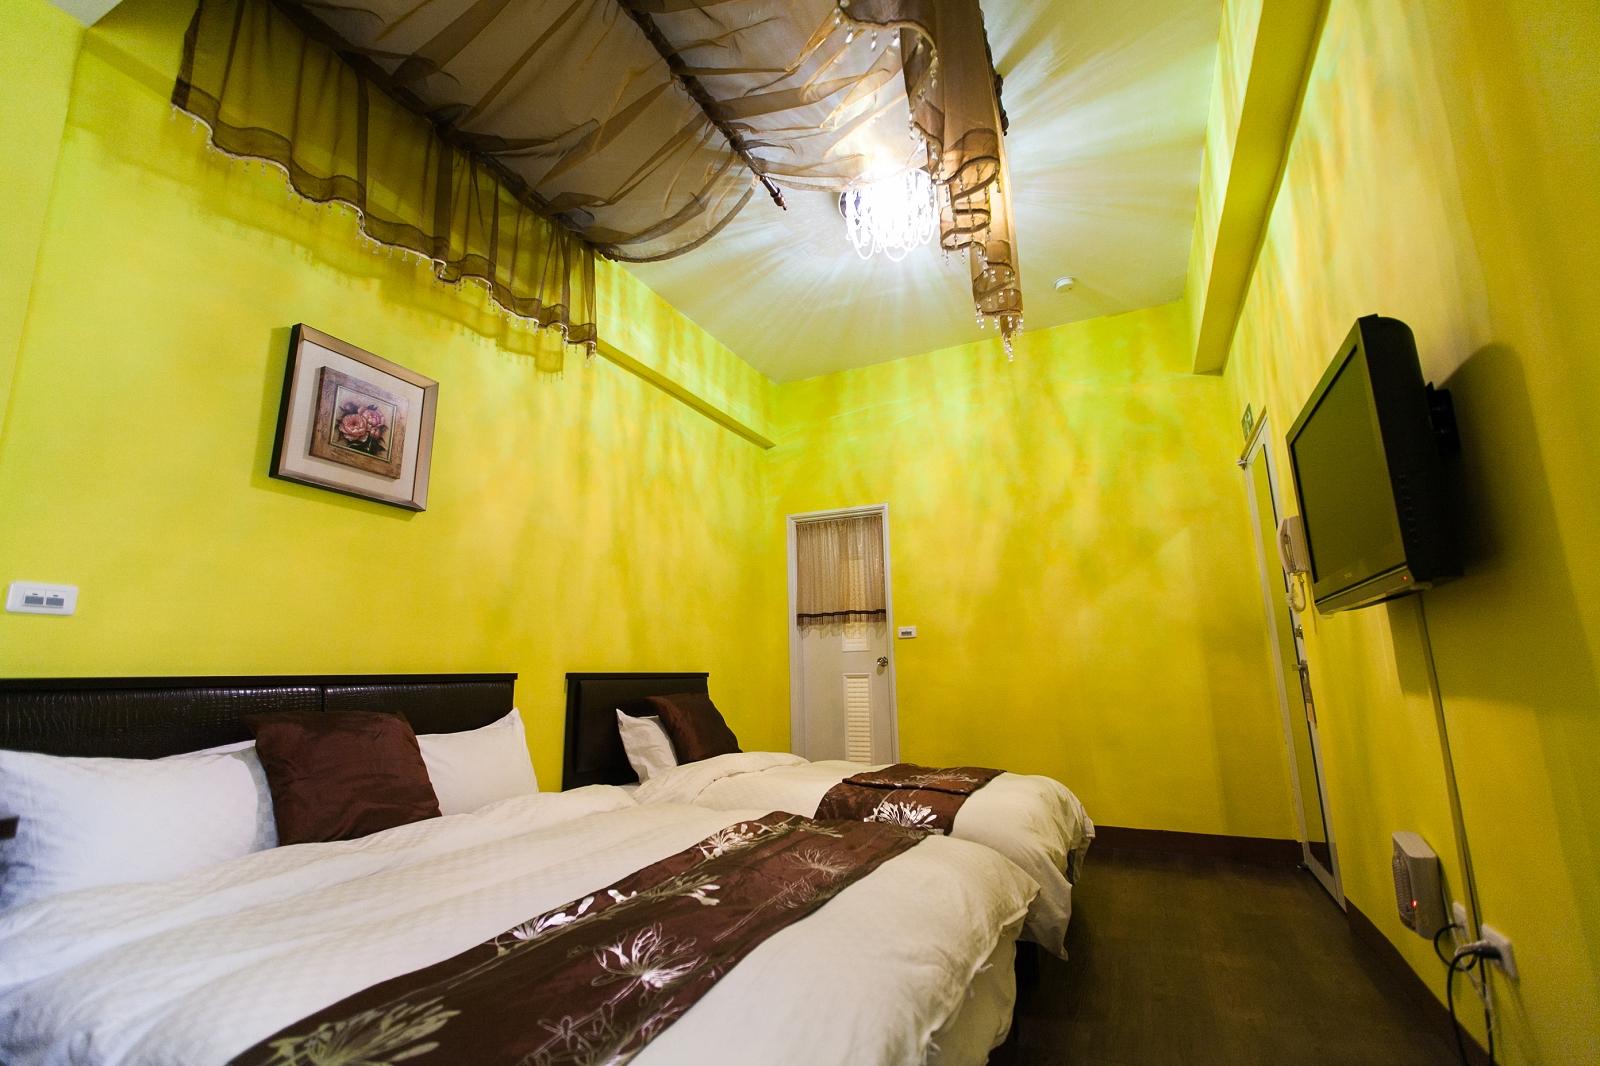 背景墙 房间 家居 起居室 设计 卧室 卧室装修 现代 装修 1600_1066